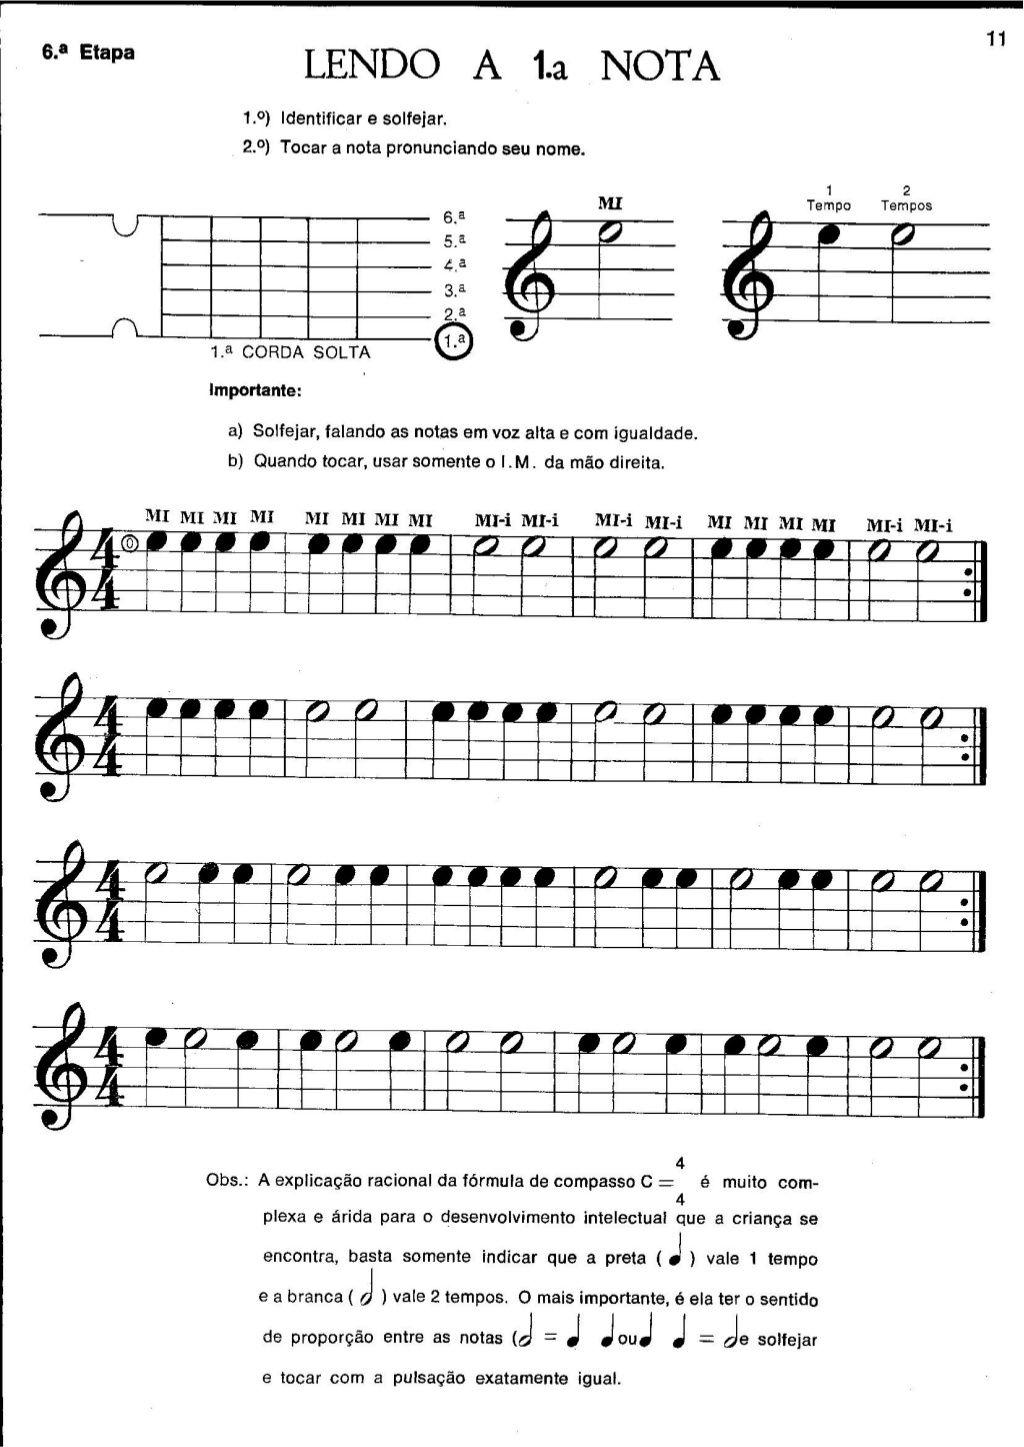 ciranda-das-seis-cordas by Prof. João Batista via Slideshare